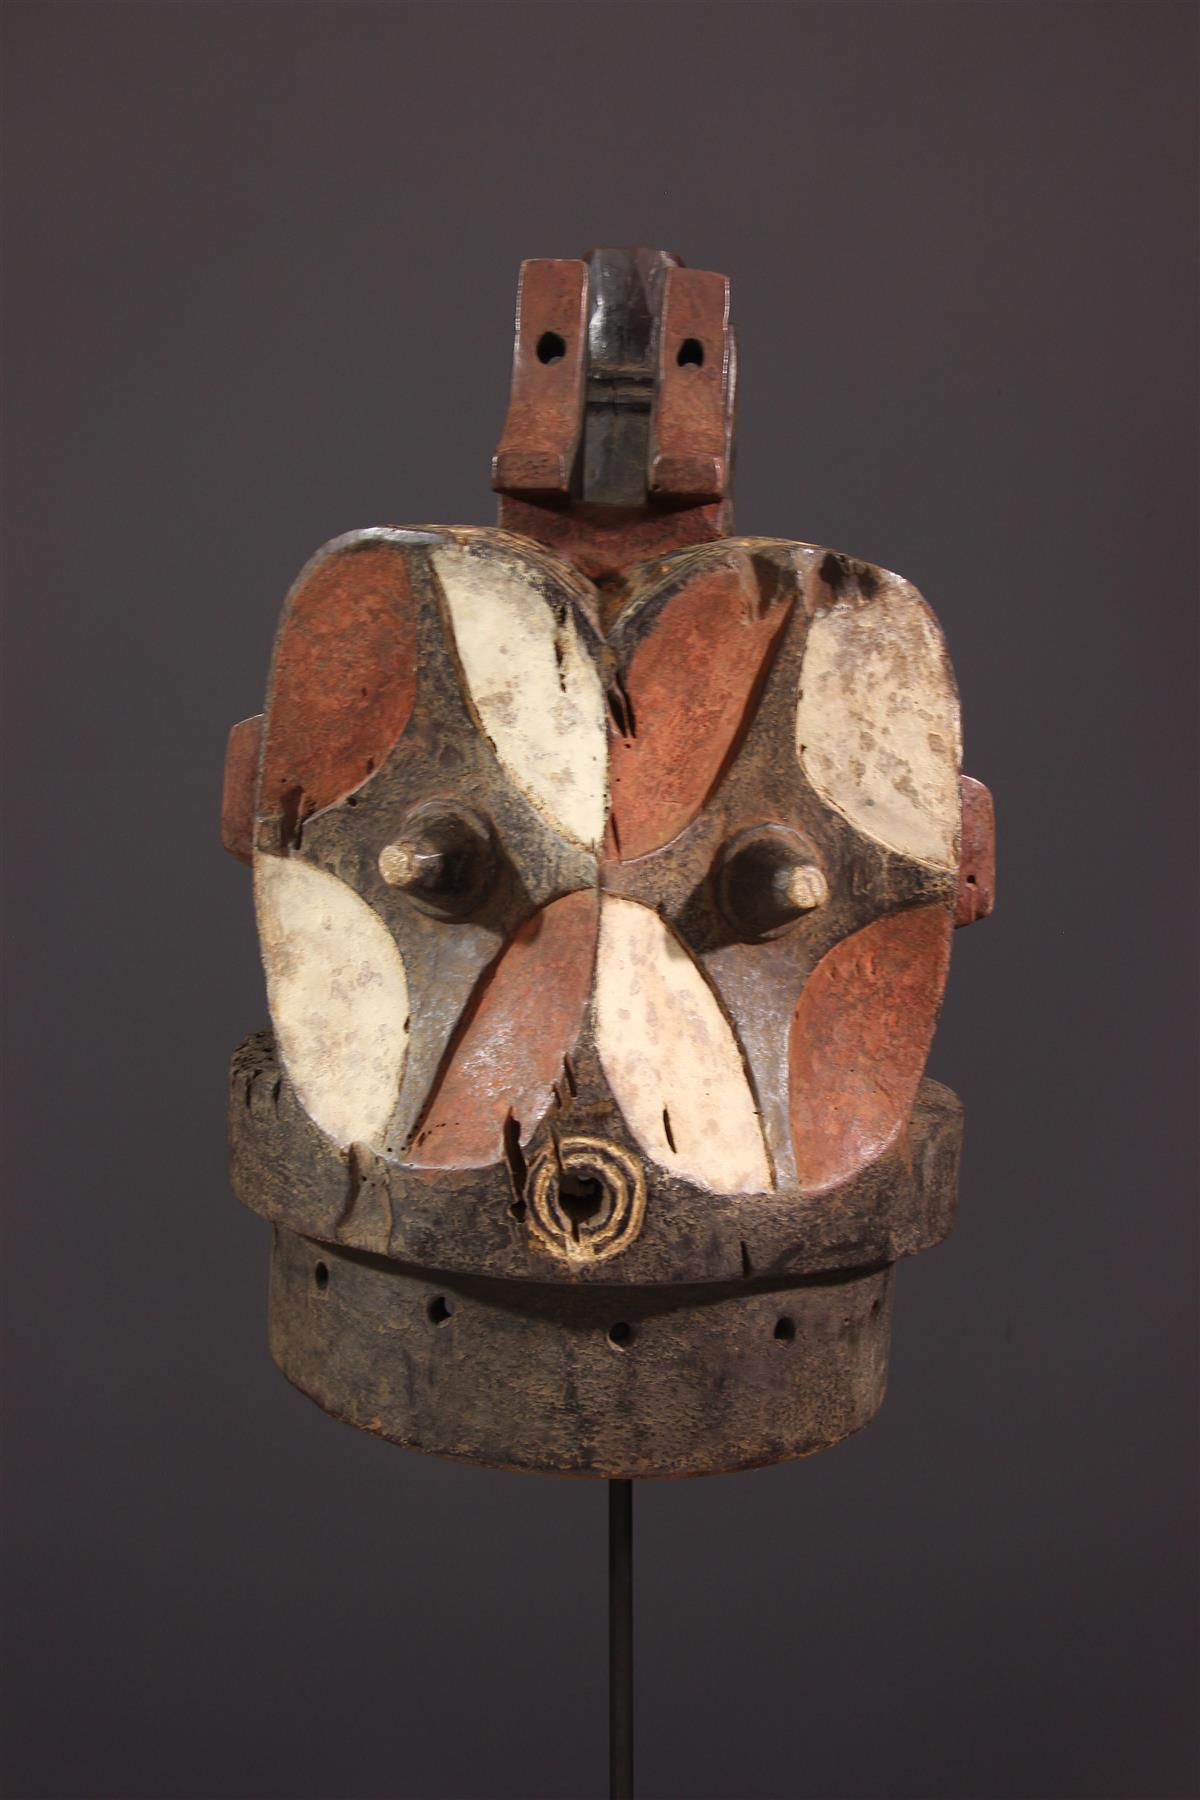 Masque janiforme Alunga Bembe - Art africain